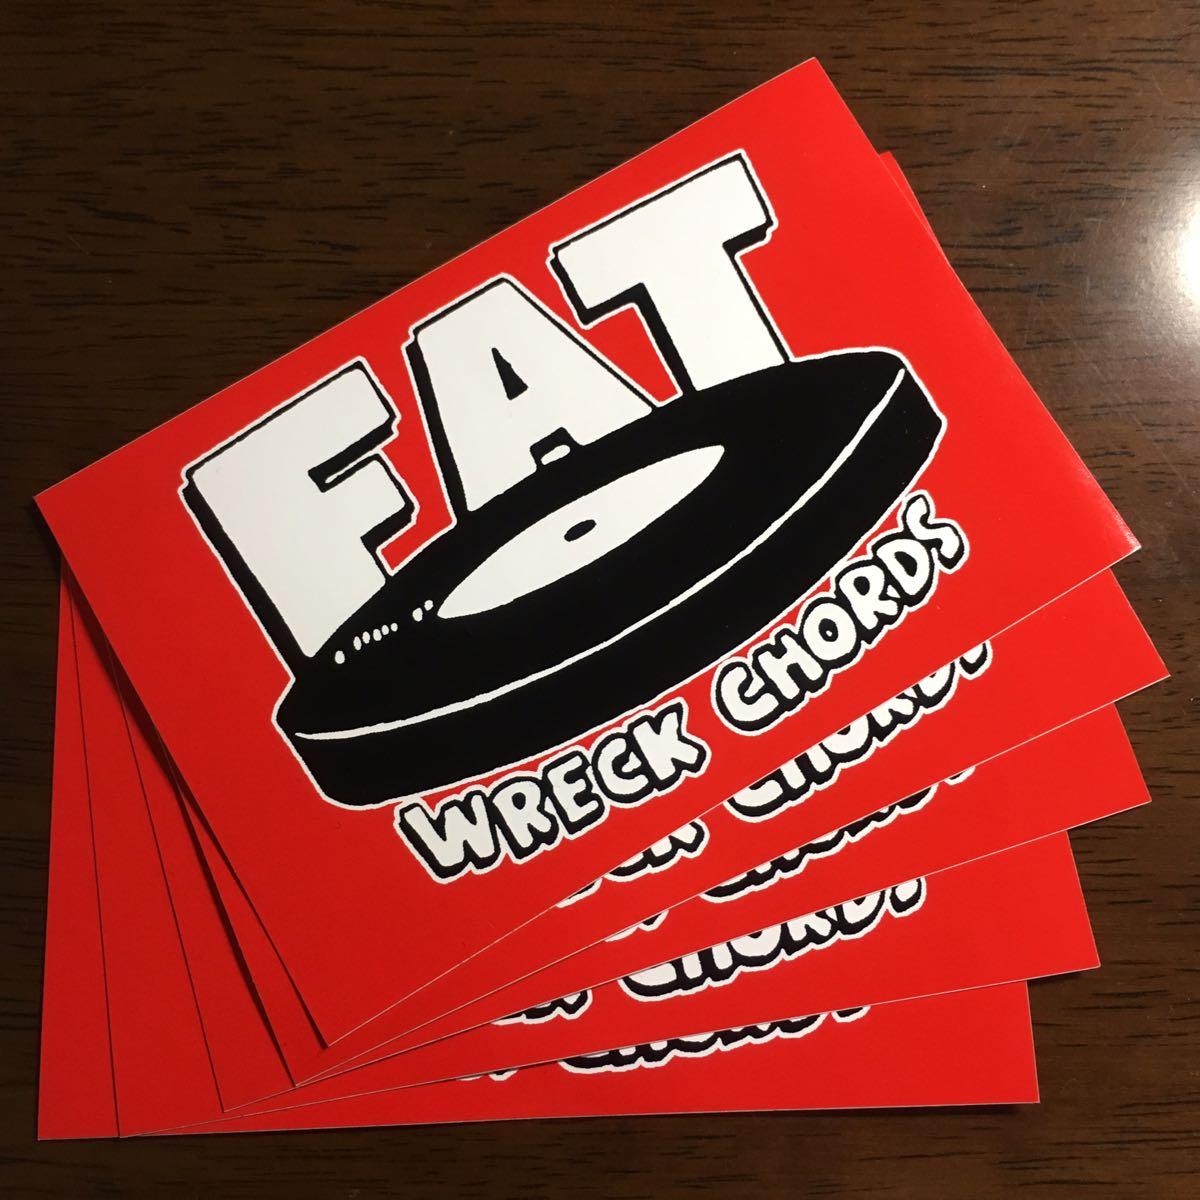 2枚セット!FAT WRECK CHORDS ステッカー / pizza of death hi standard wanima nofx